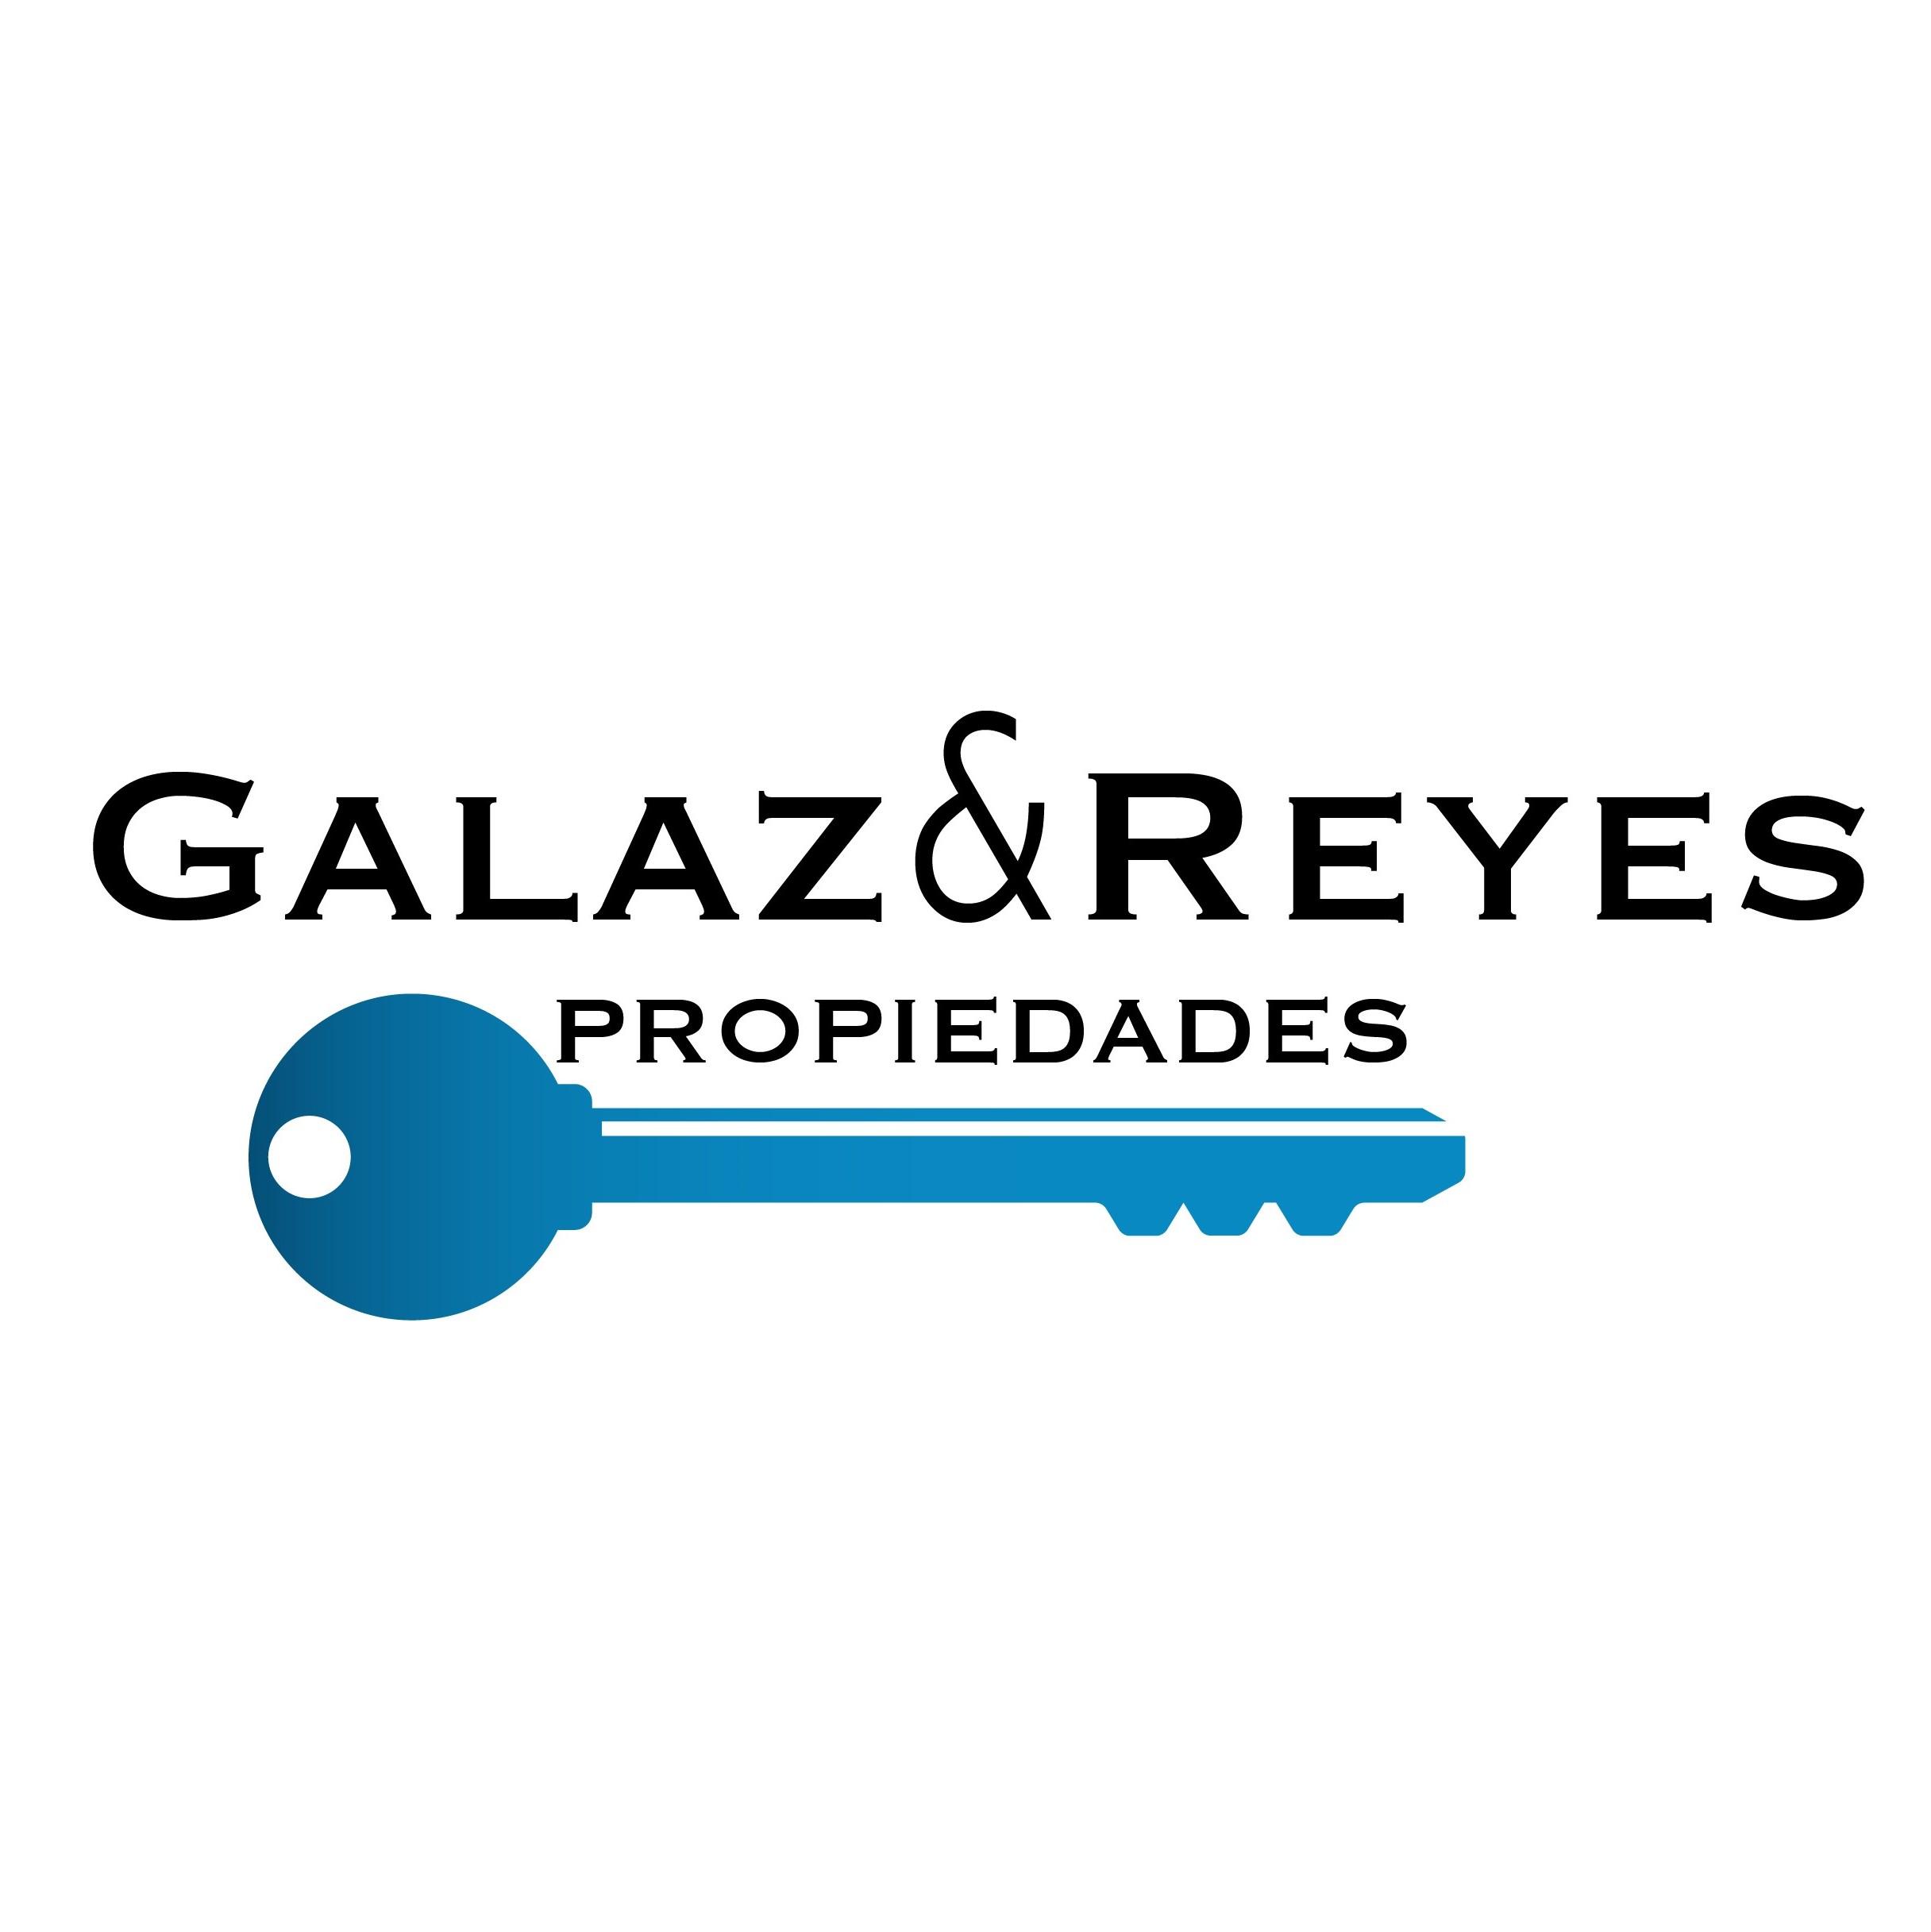 GALAZ & REYES PROPIEDADES